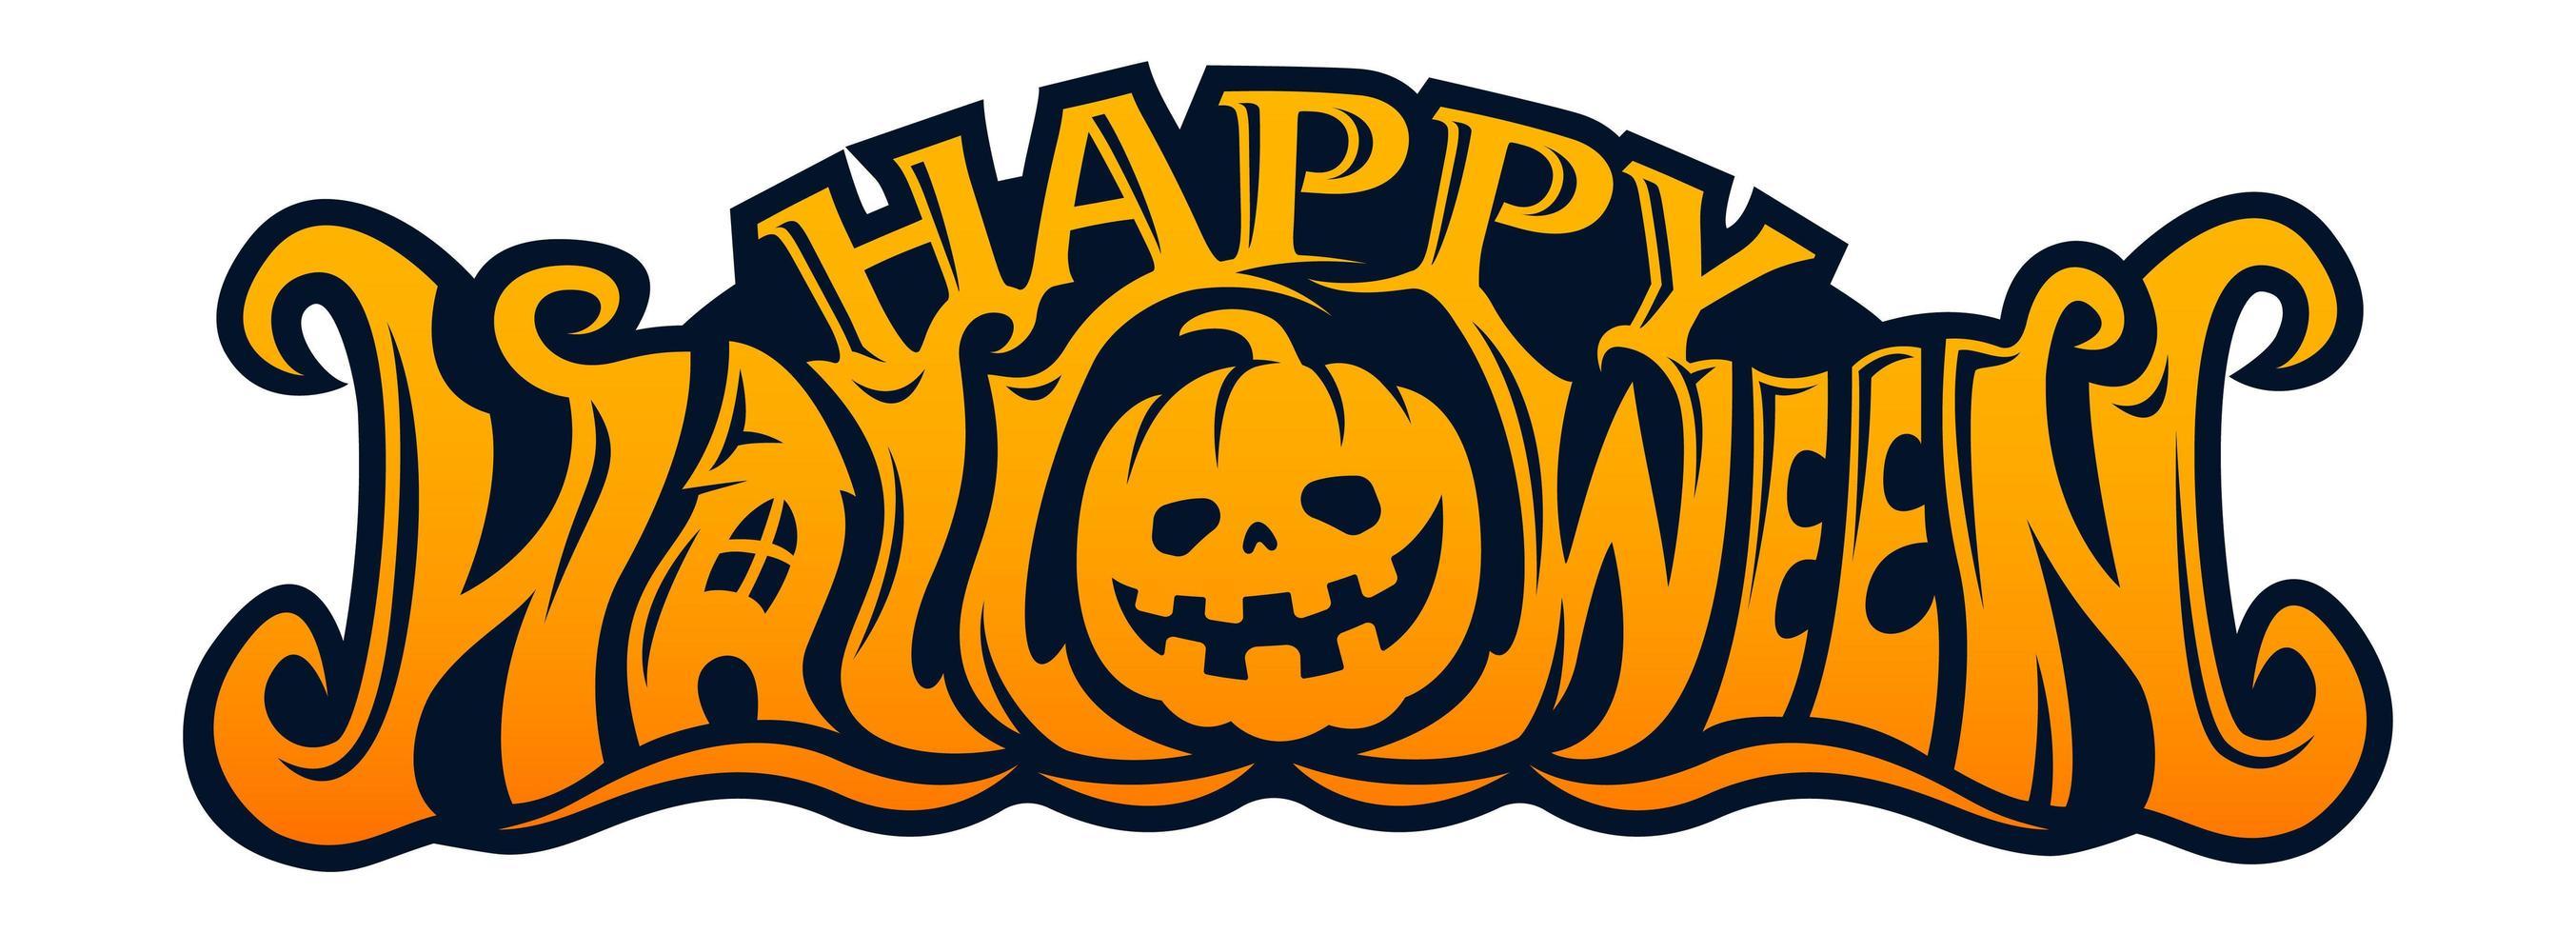 happy halloween pompoen hoofd tekstontwerp vector